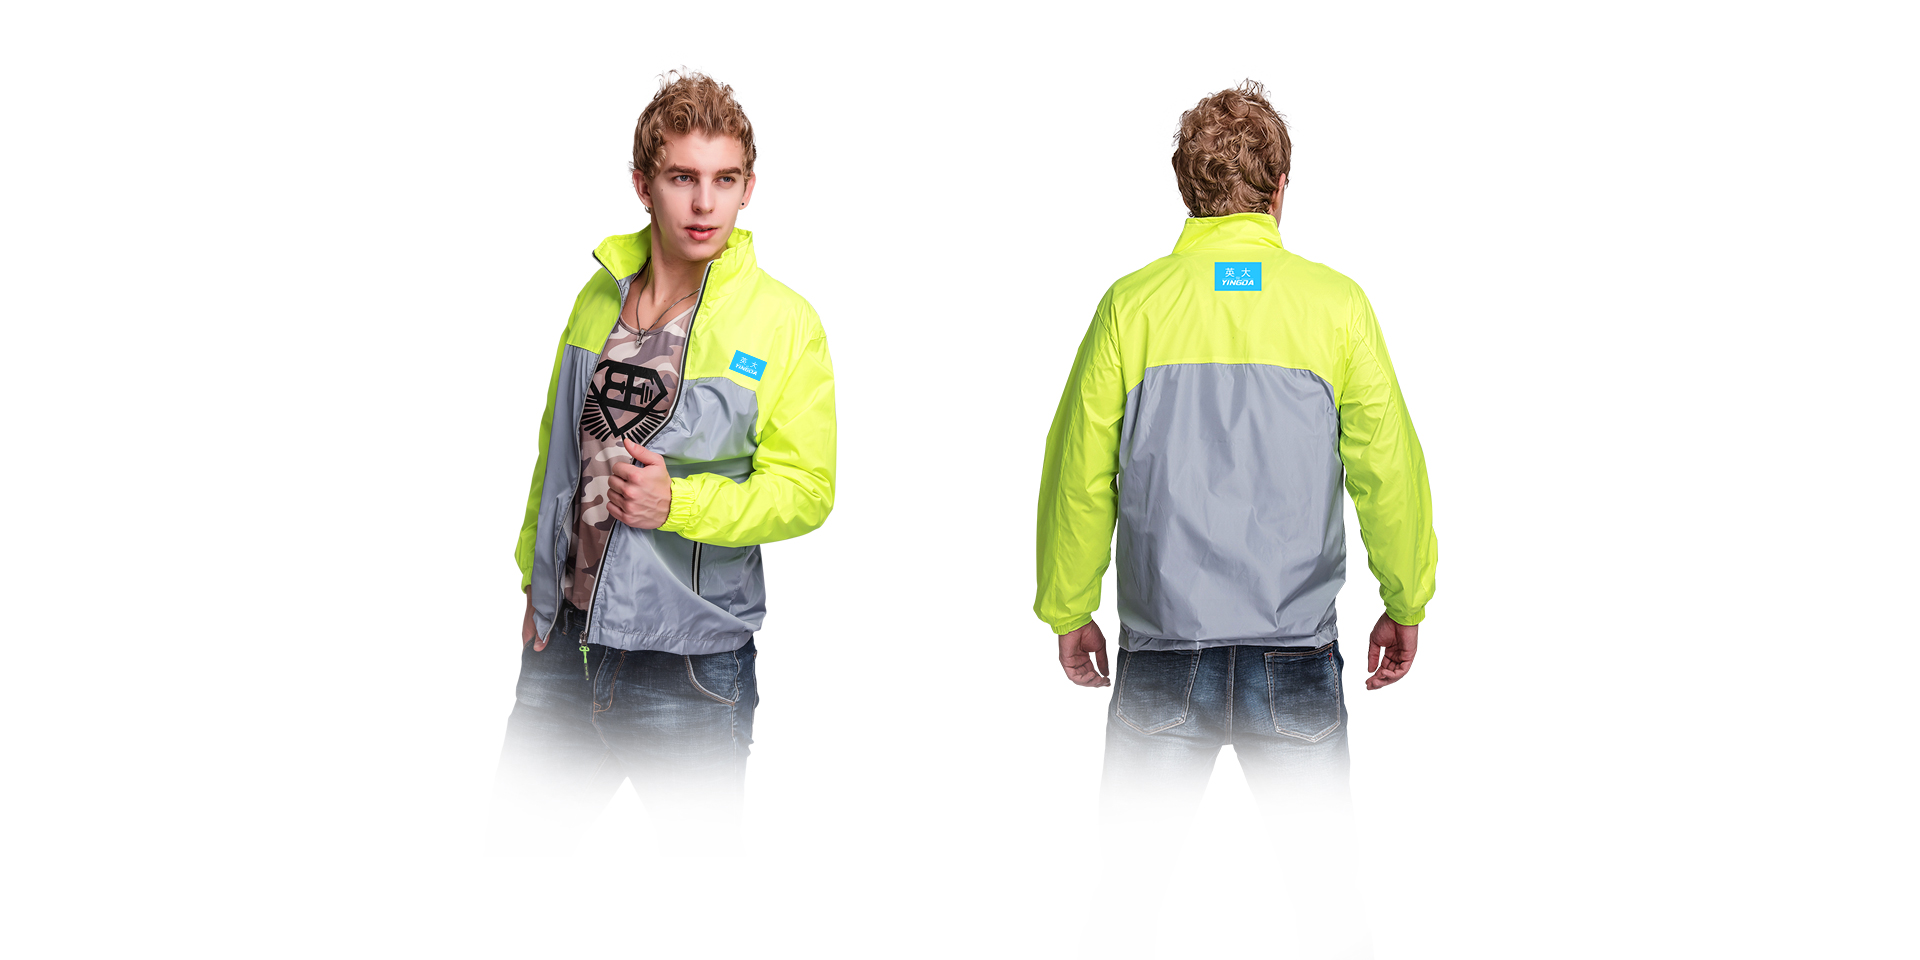 2018新款轻量耐候防风衣,轻若无物,为你全天候防护!